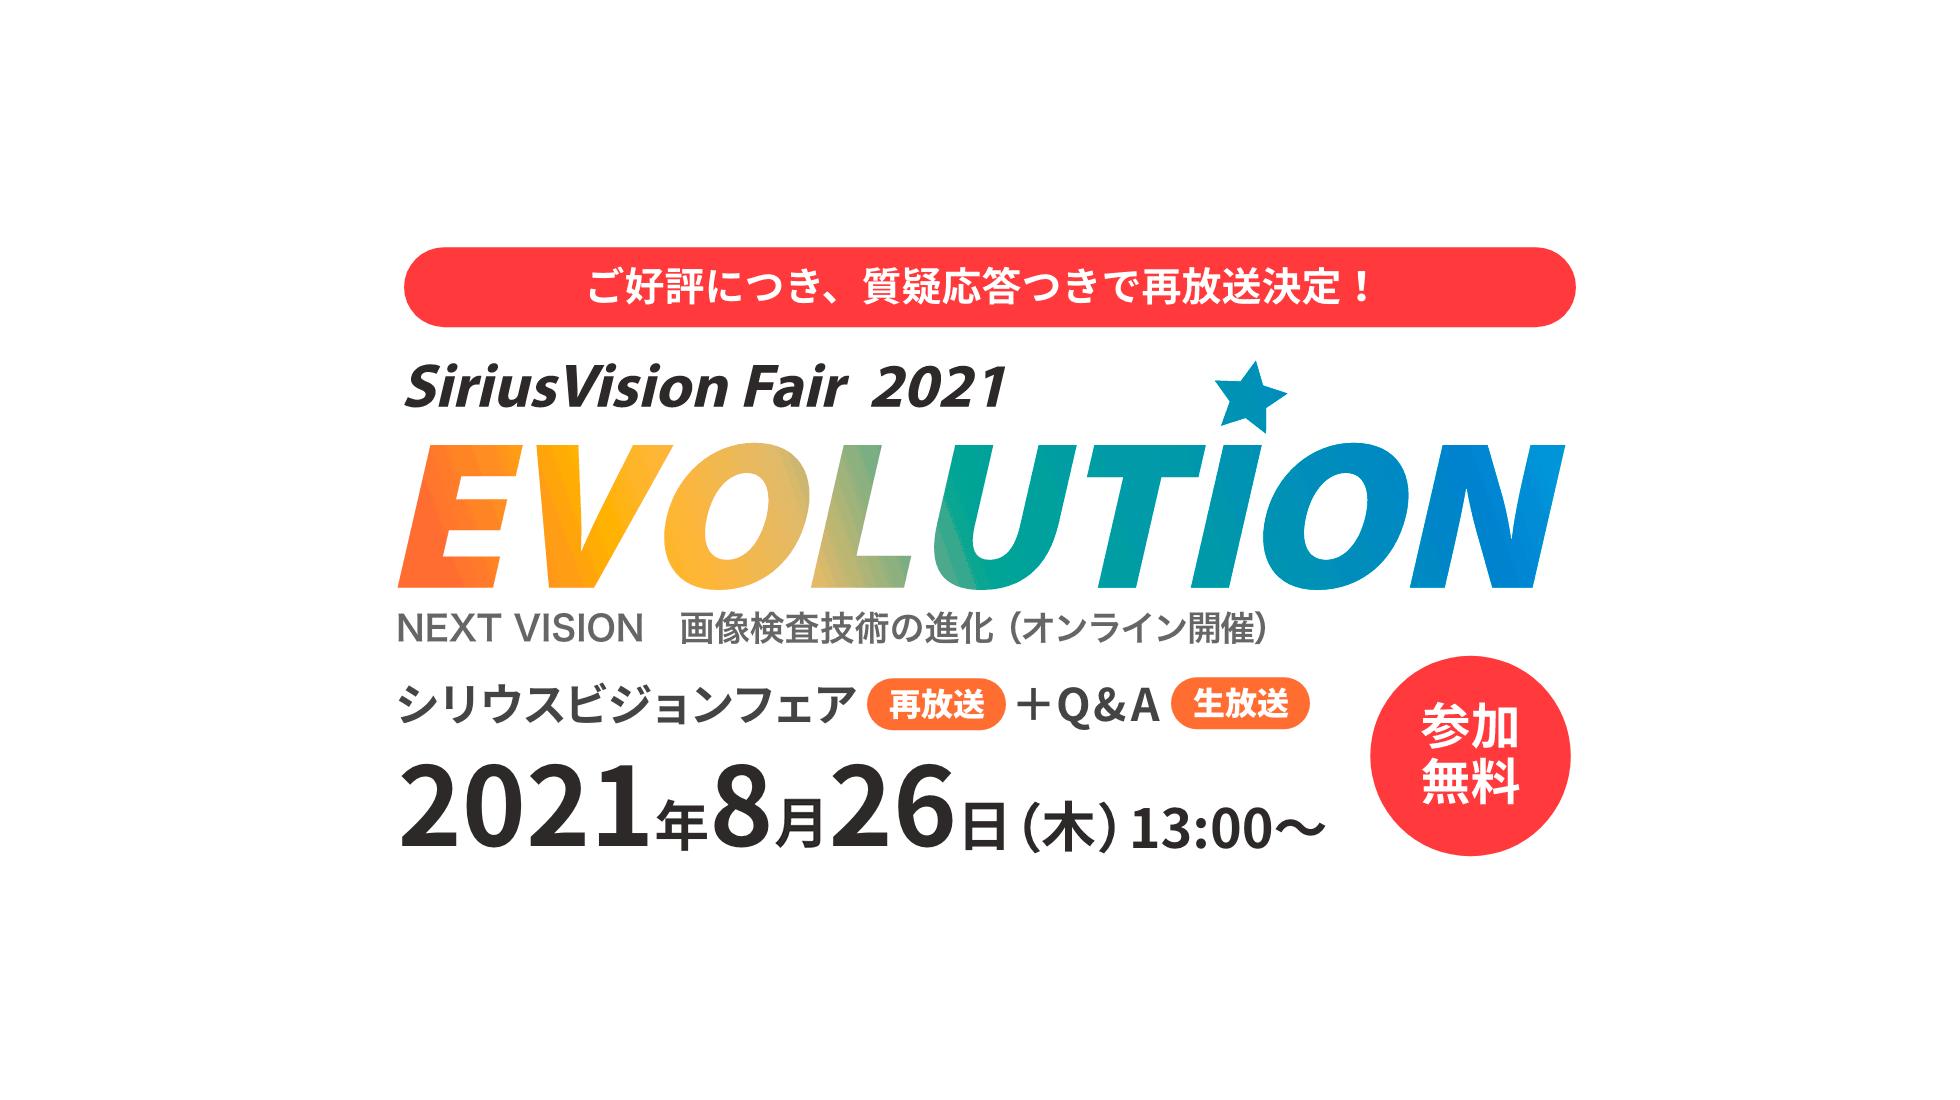 8月26日 シリウスビジョンフェア2021 再放送+質疑応答 生放送